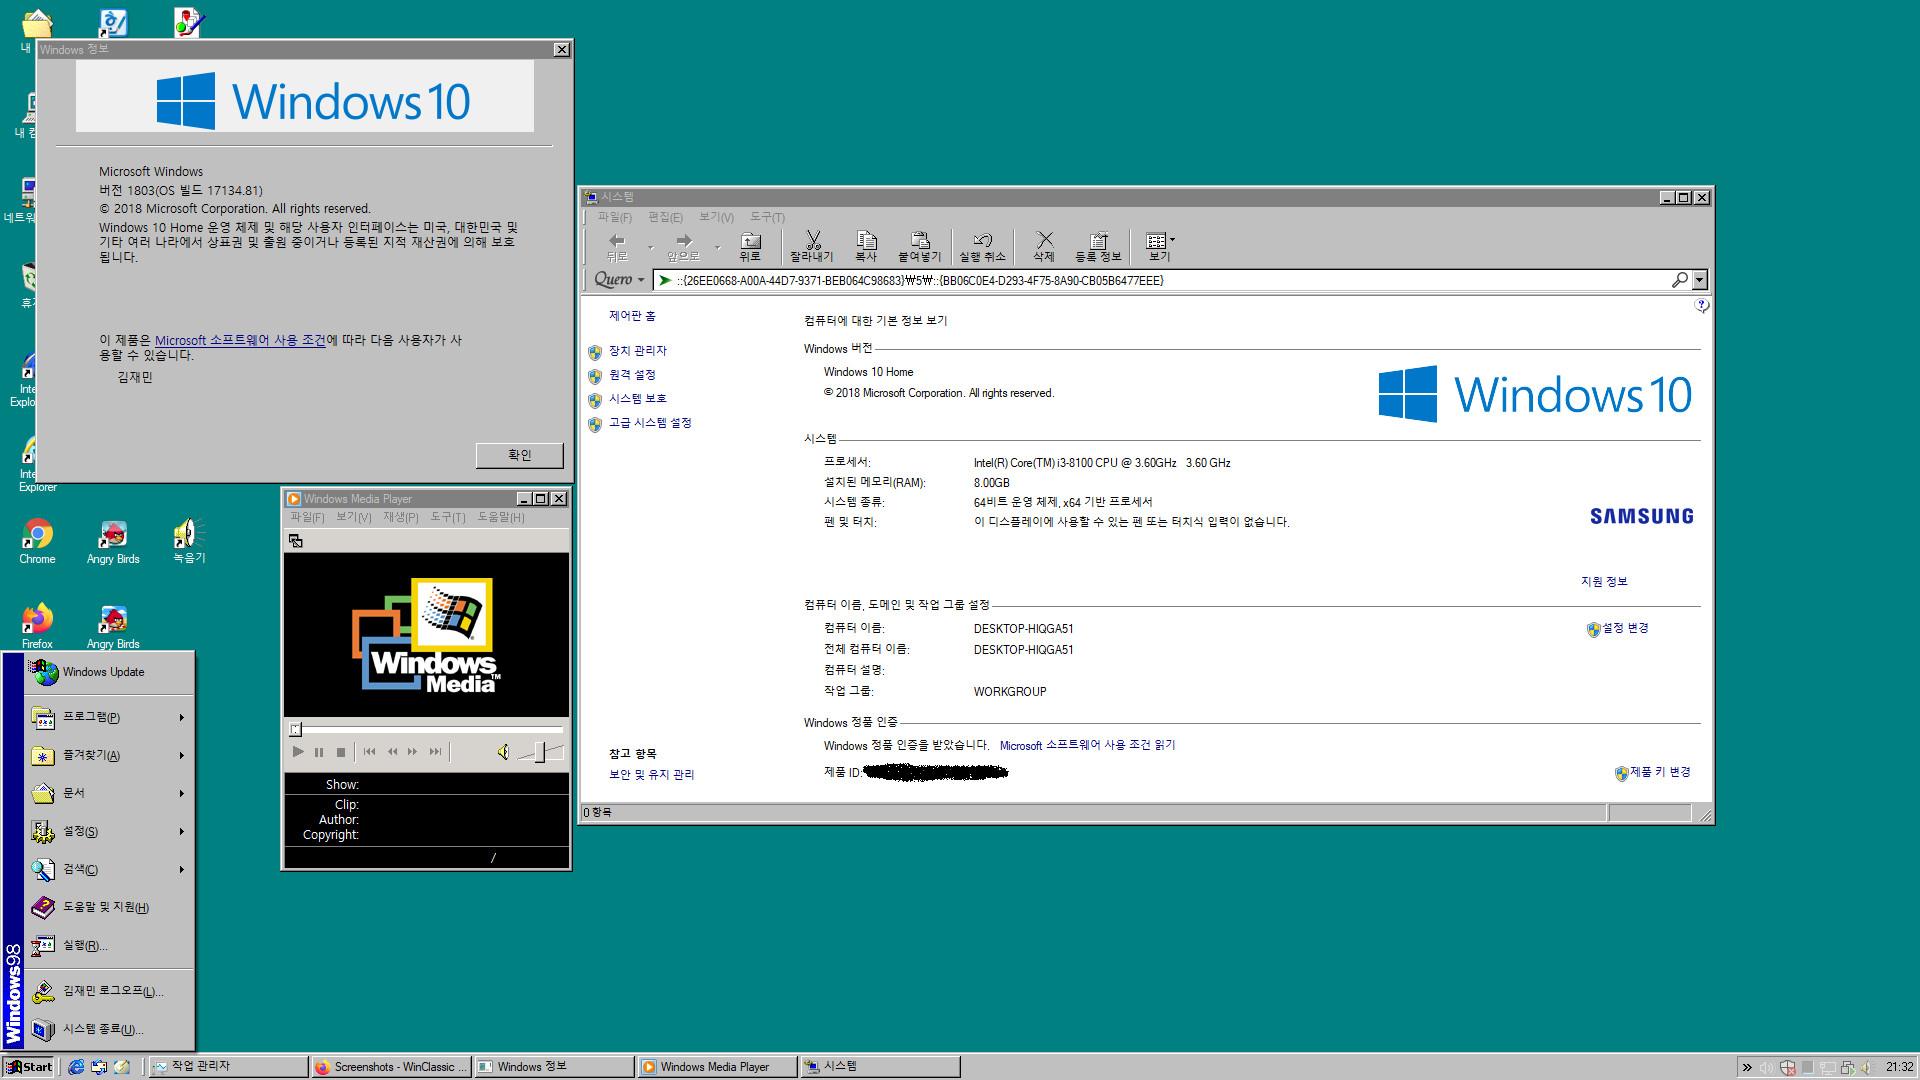 Windows 10 Home 1803 Destkop.jpg